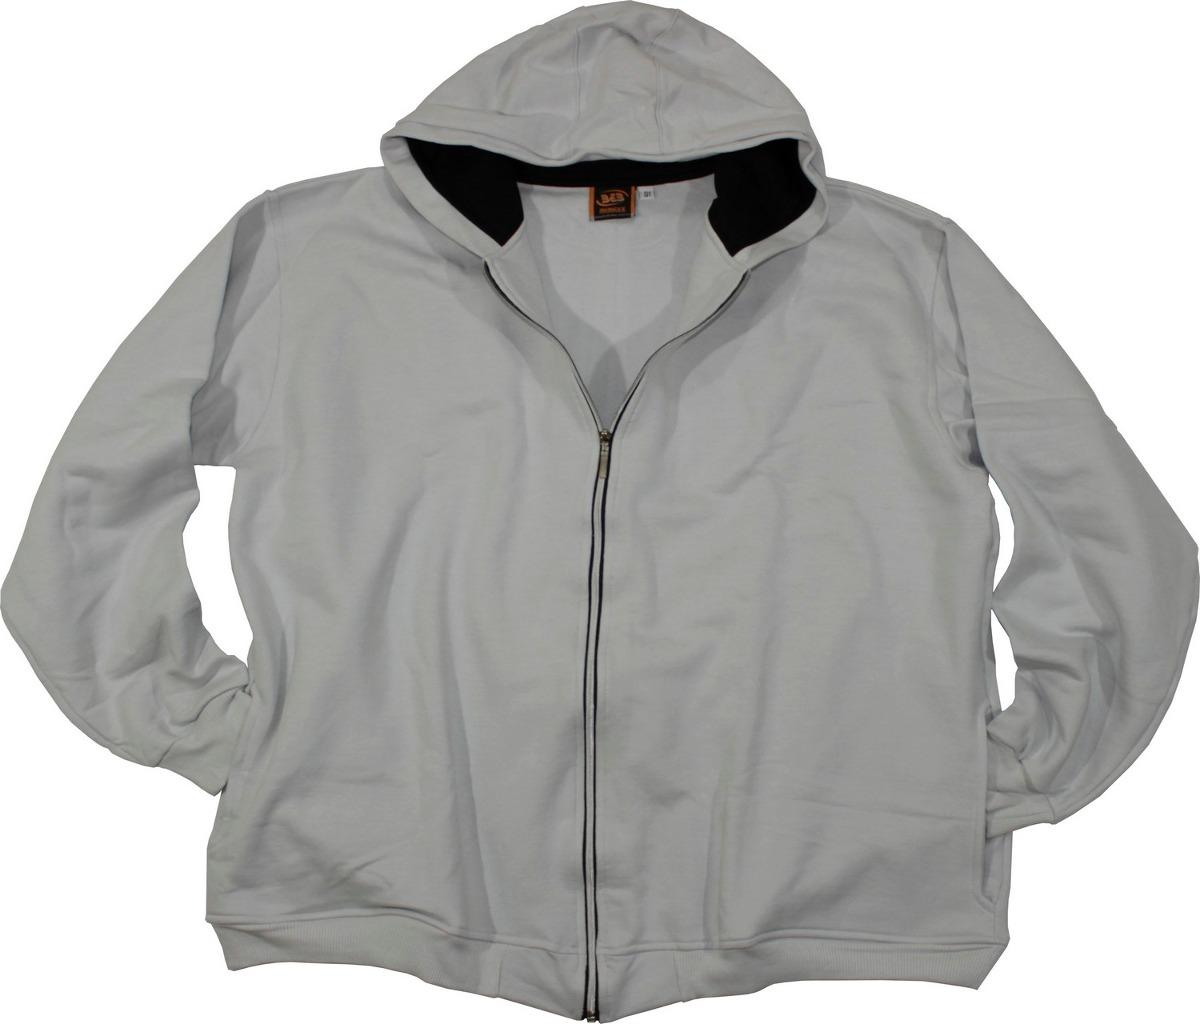 Jaqueta Moletom Plus Size - Extra Big - G6 Ao G8 - Ref. 1110 - R ... 7485efc8dc971